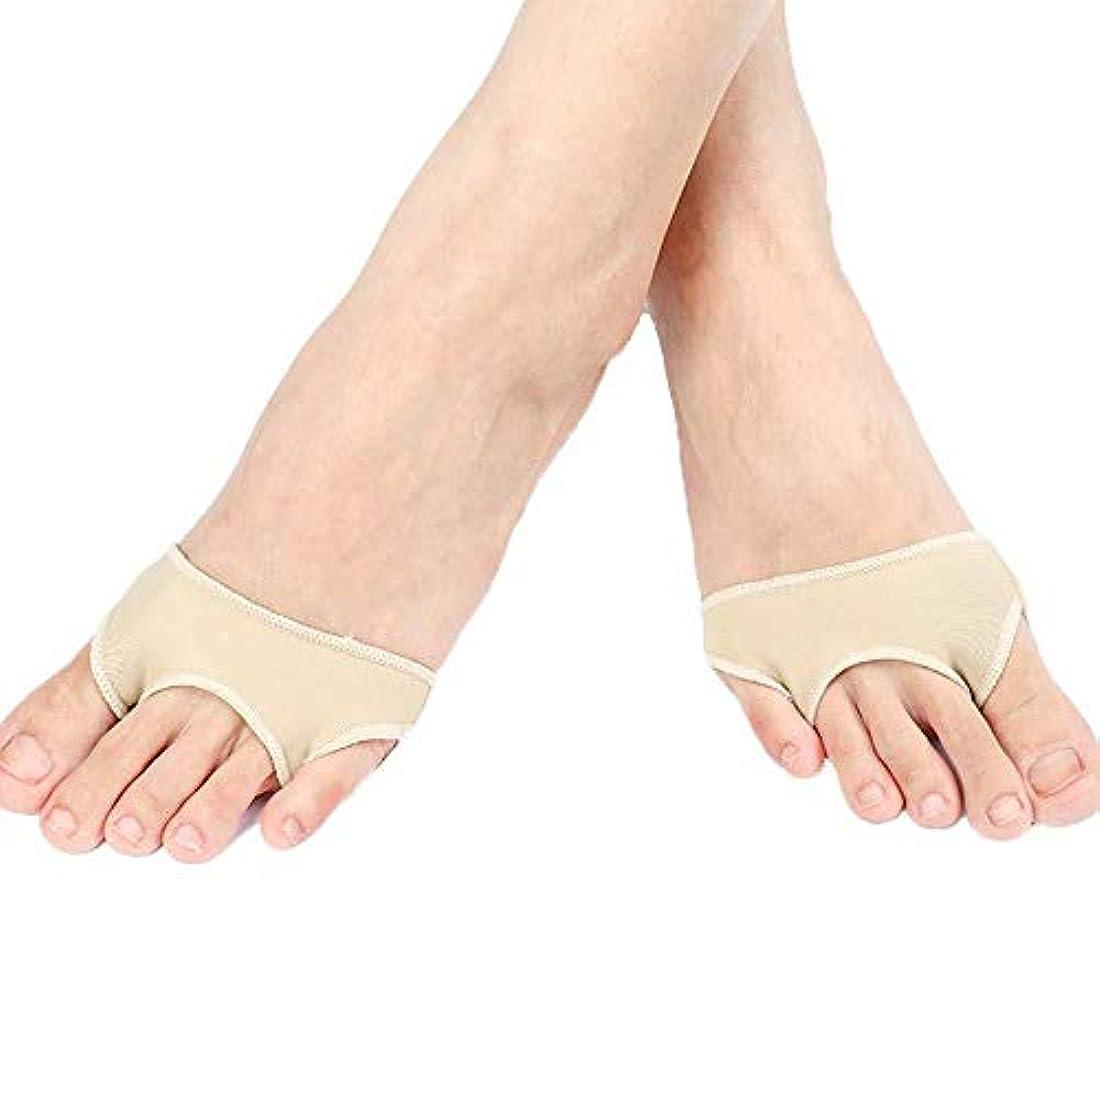 懸念コスチュームピークつま先セパレーター、矯正足の親指矯正器、つま先の痛み、および外反母painの痛みの緩和のための内蔵シリコンジェルパッド,M